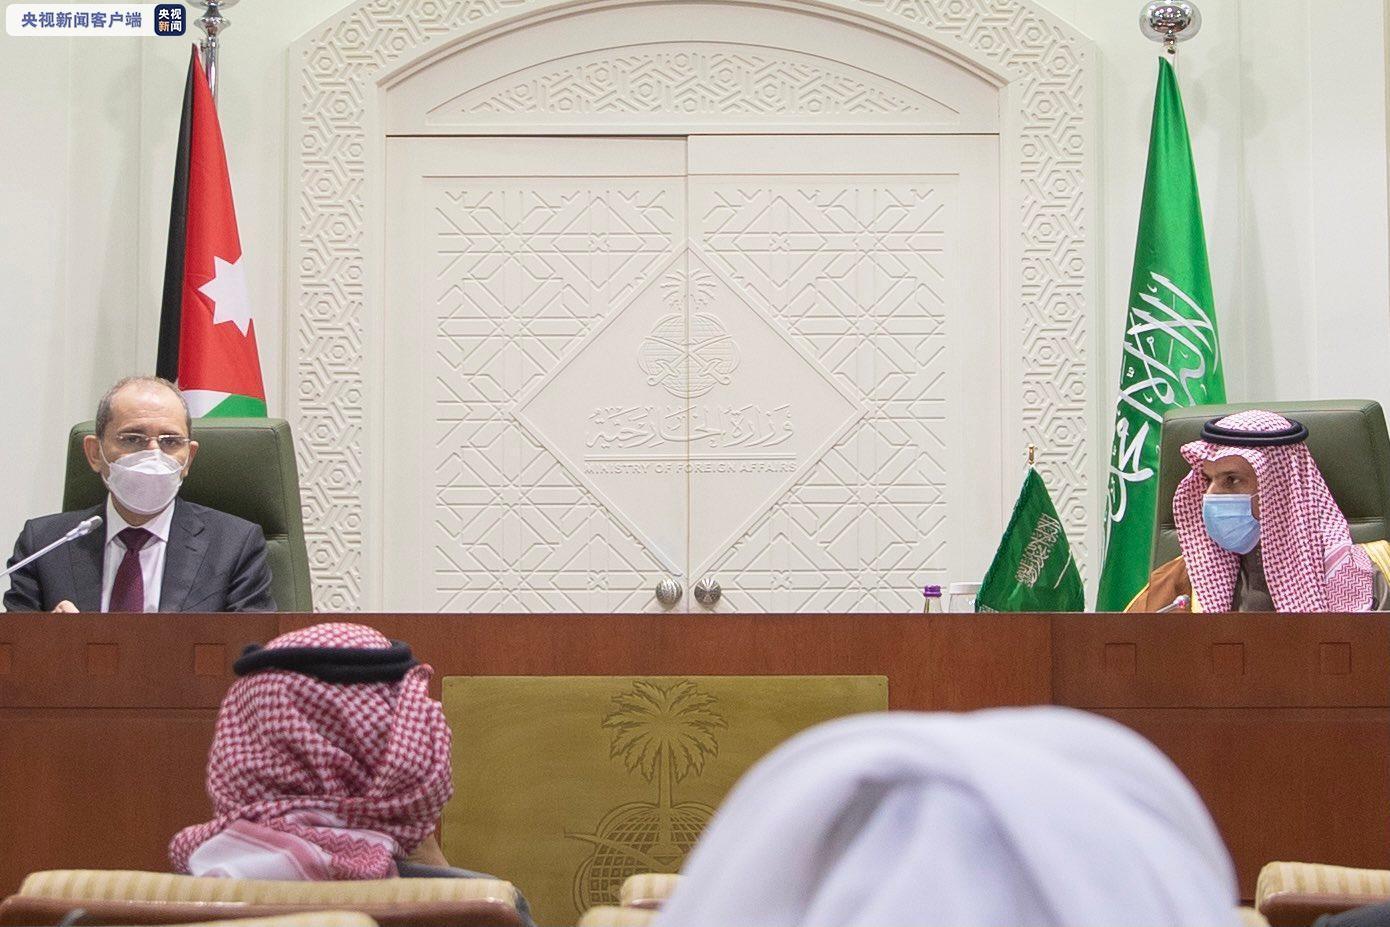 沙特将于近期重开驻卡塔尔使馆